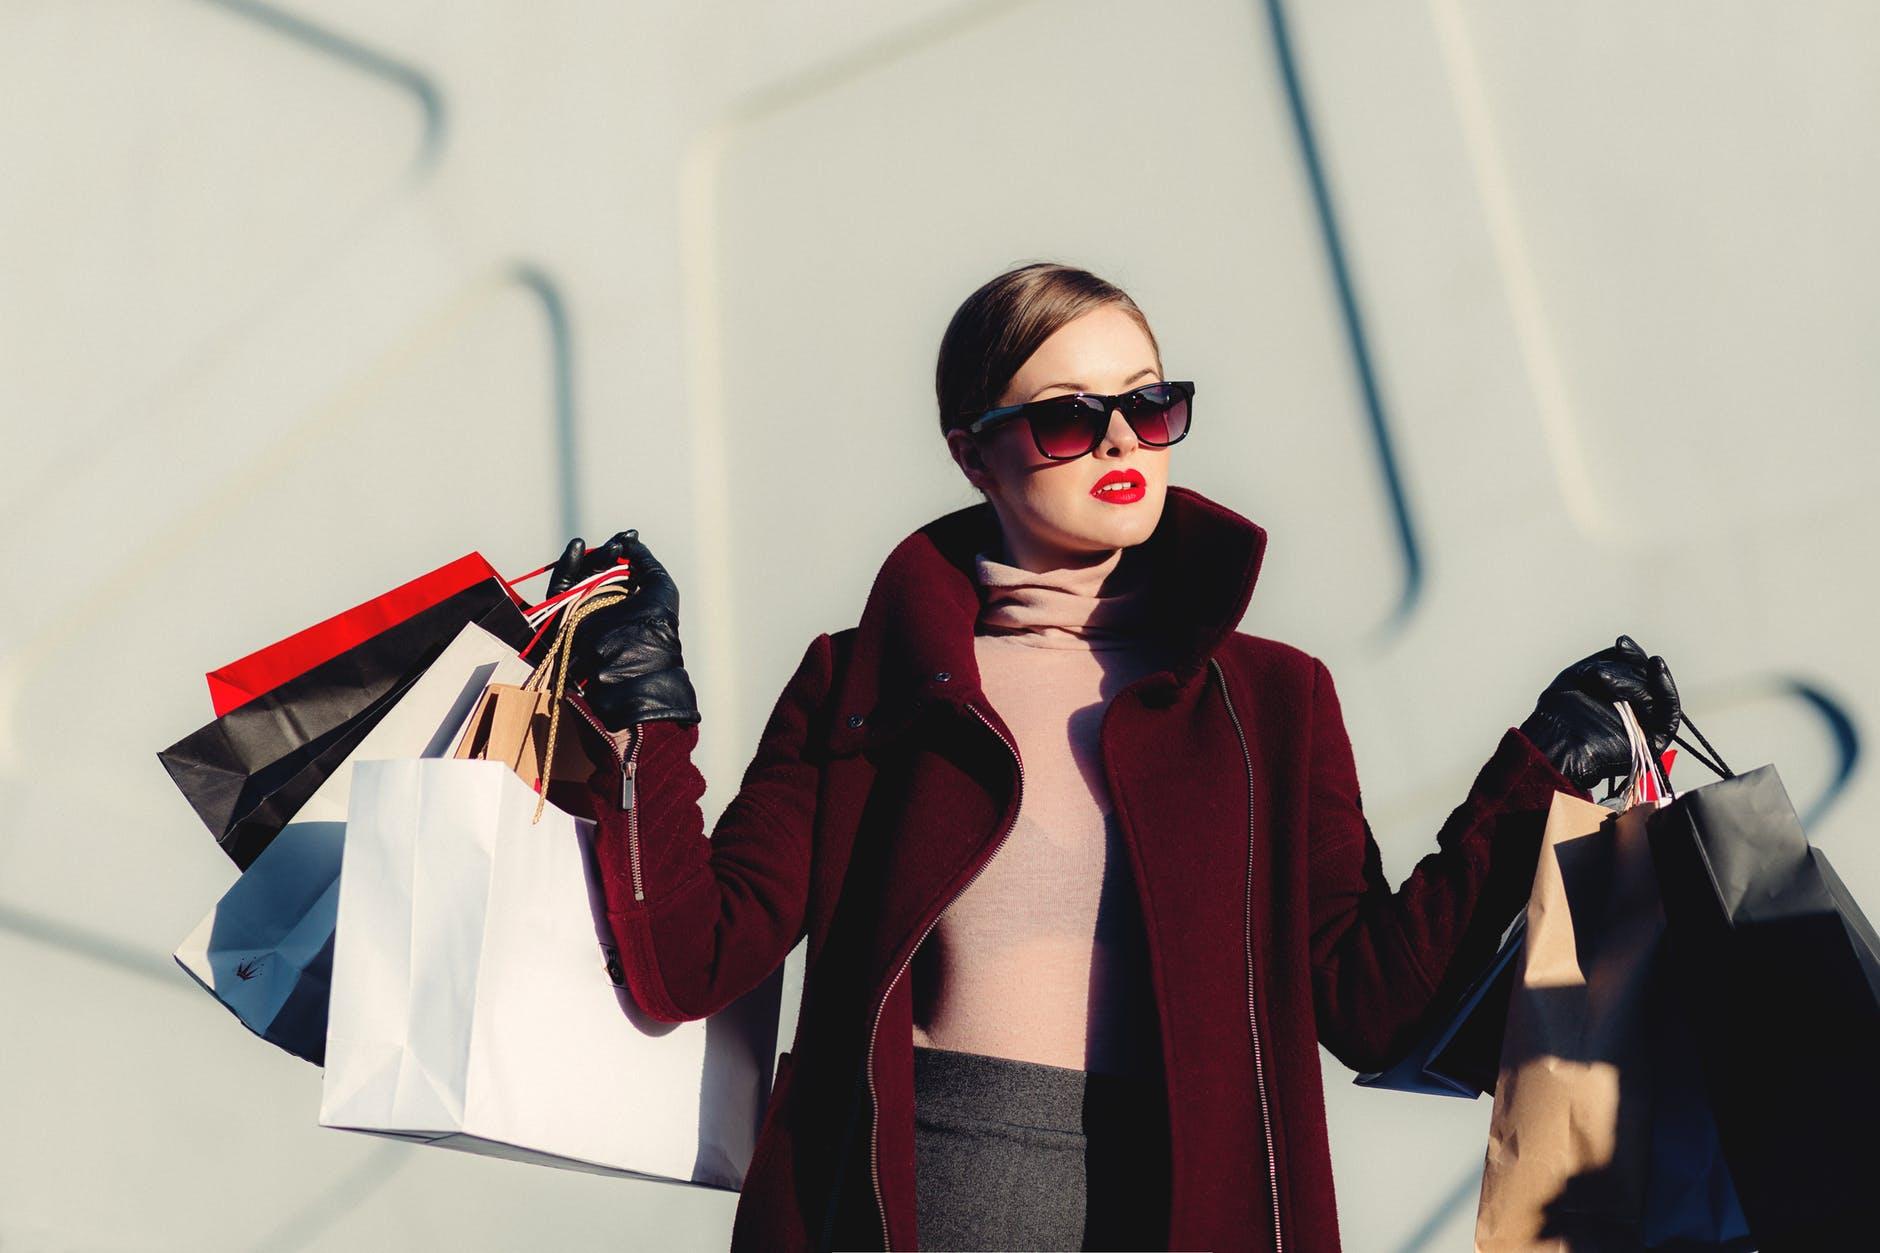 全球奢侈时尚品牌上半年财报汇总 你想了解哪个品牌